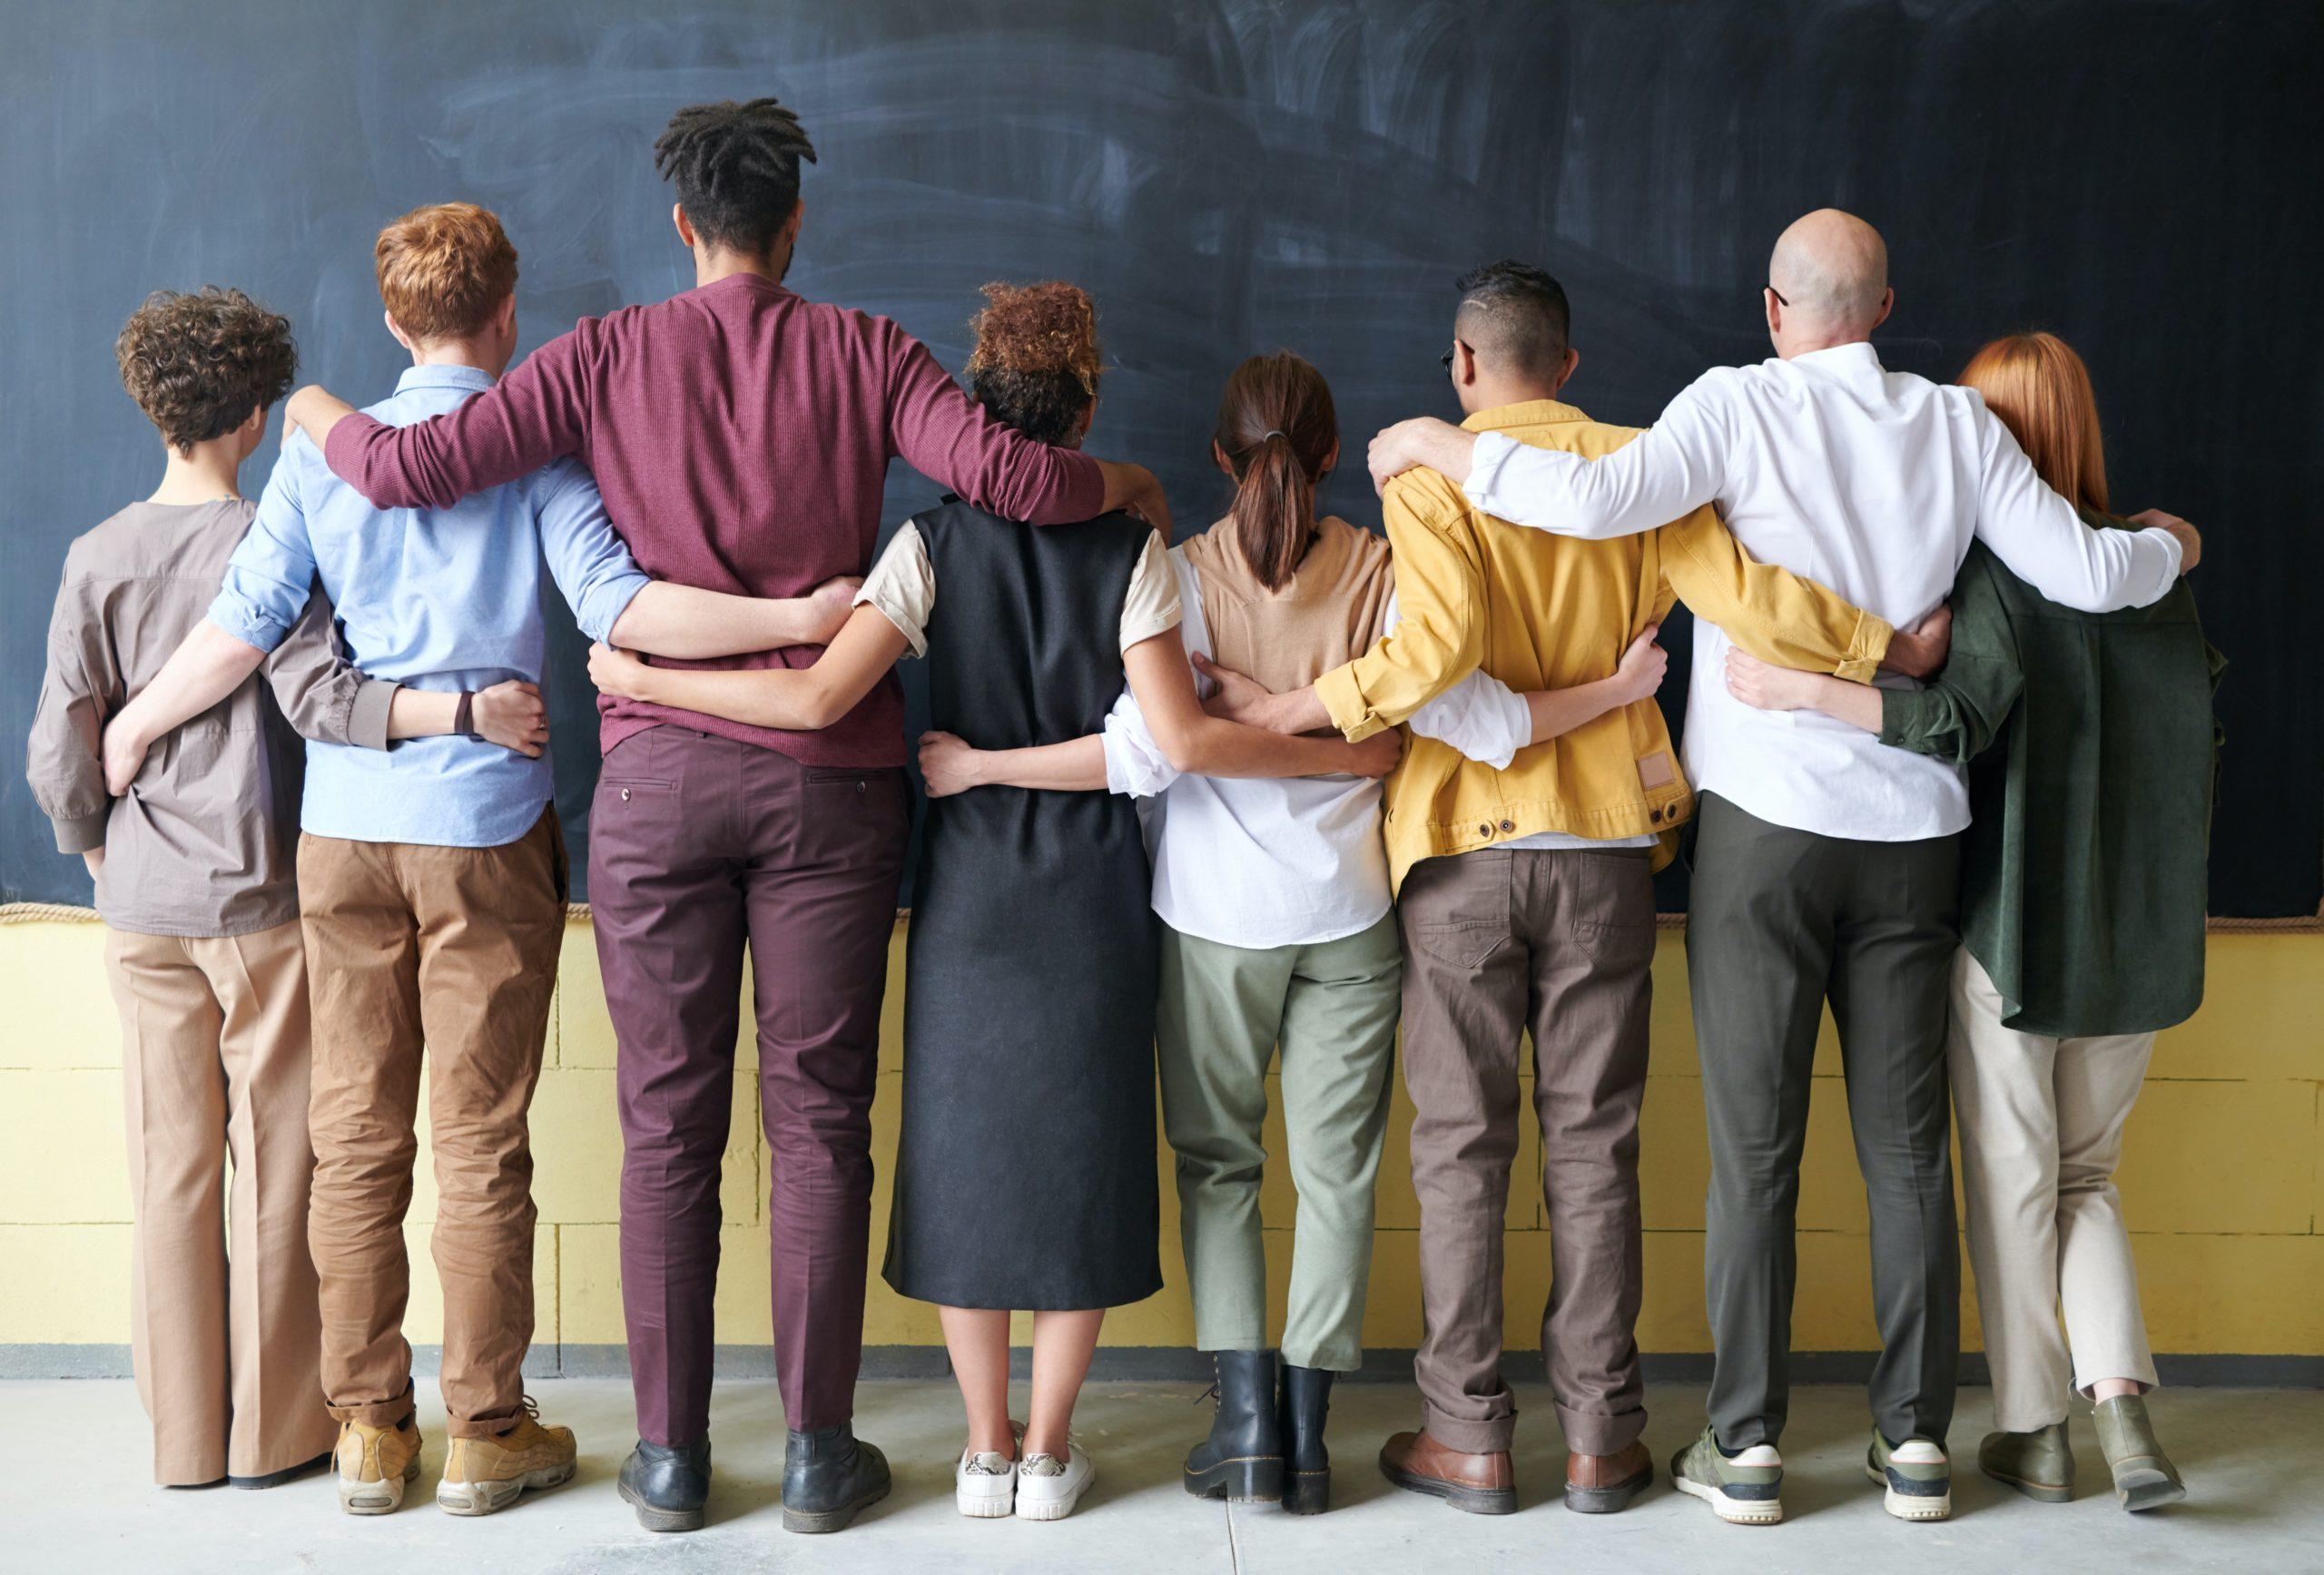 Talento y liderazgo con sentido de pertenencia